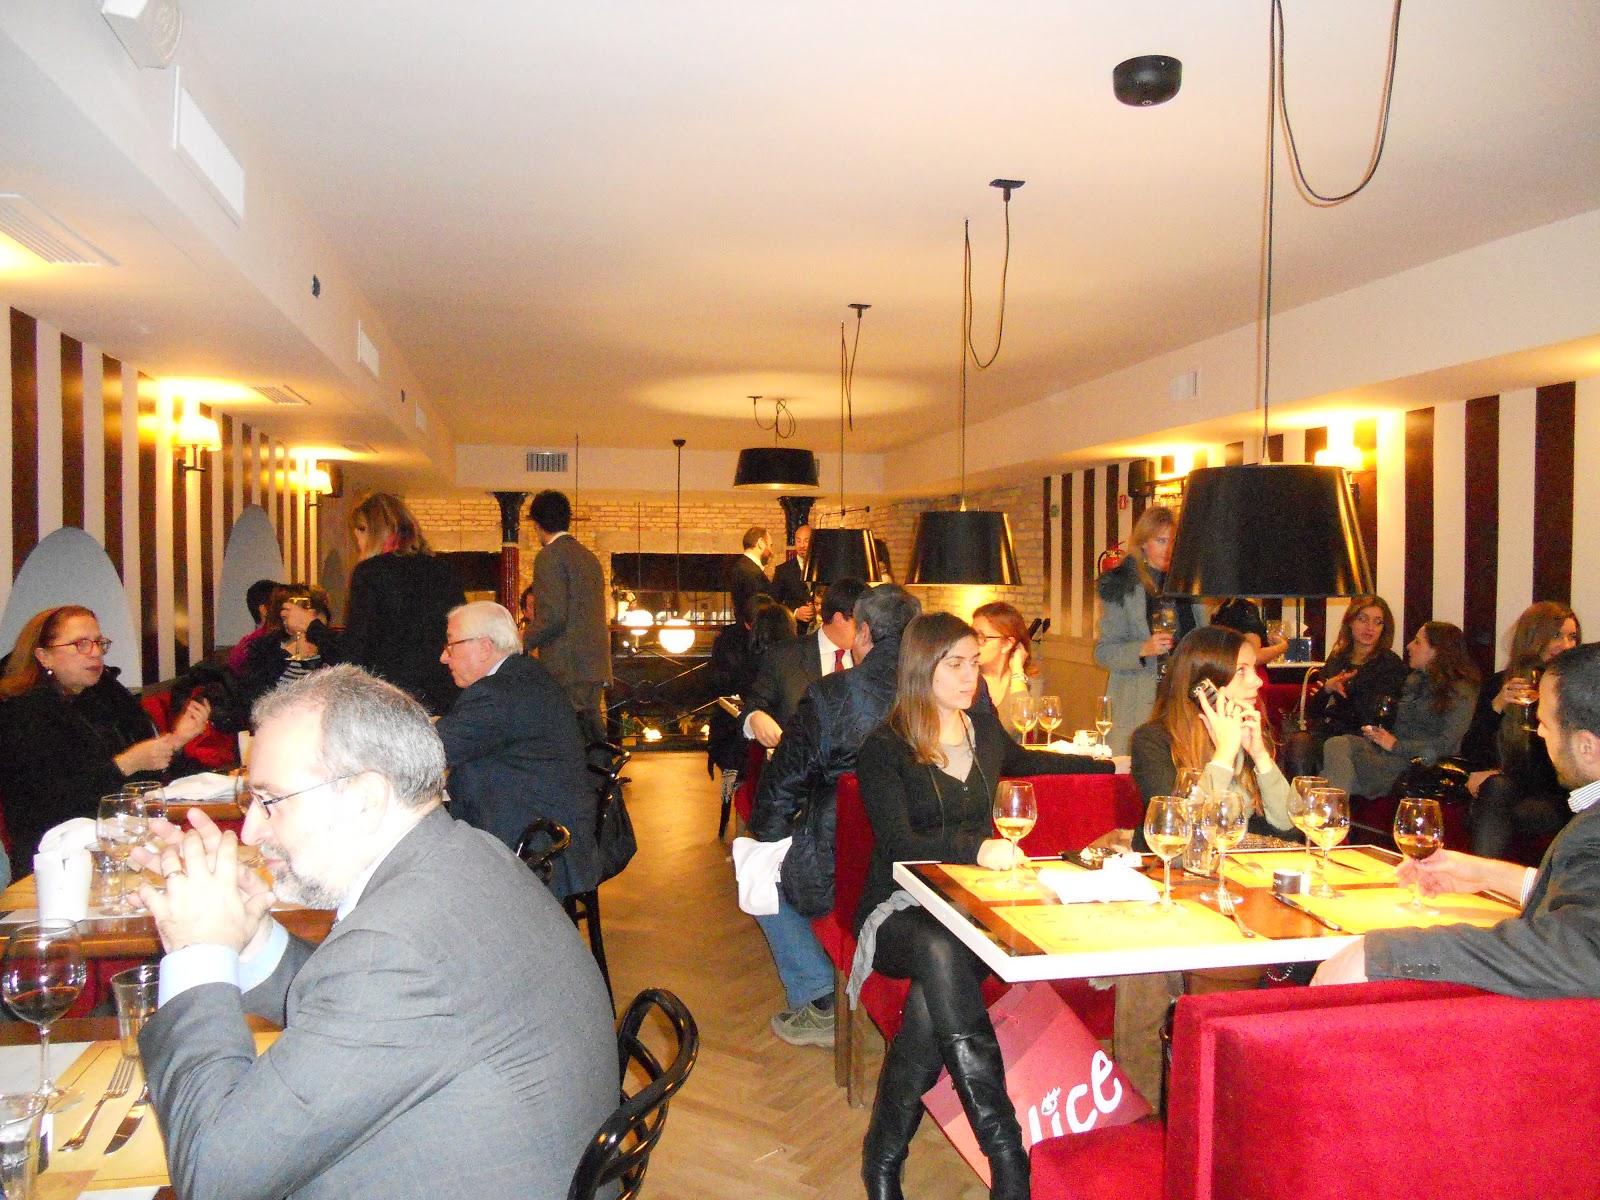 52be5bd86d58 Tutto rileggendo in veste moderna i grandi caffè parigini piuttosto che i  club inglesi. Attraverso queste suggestioni della memoria